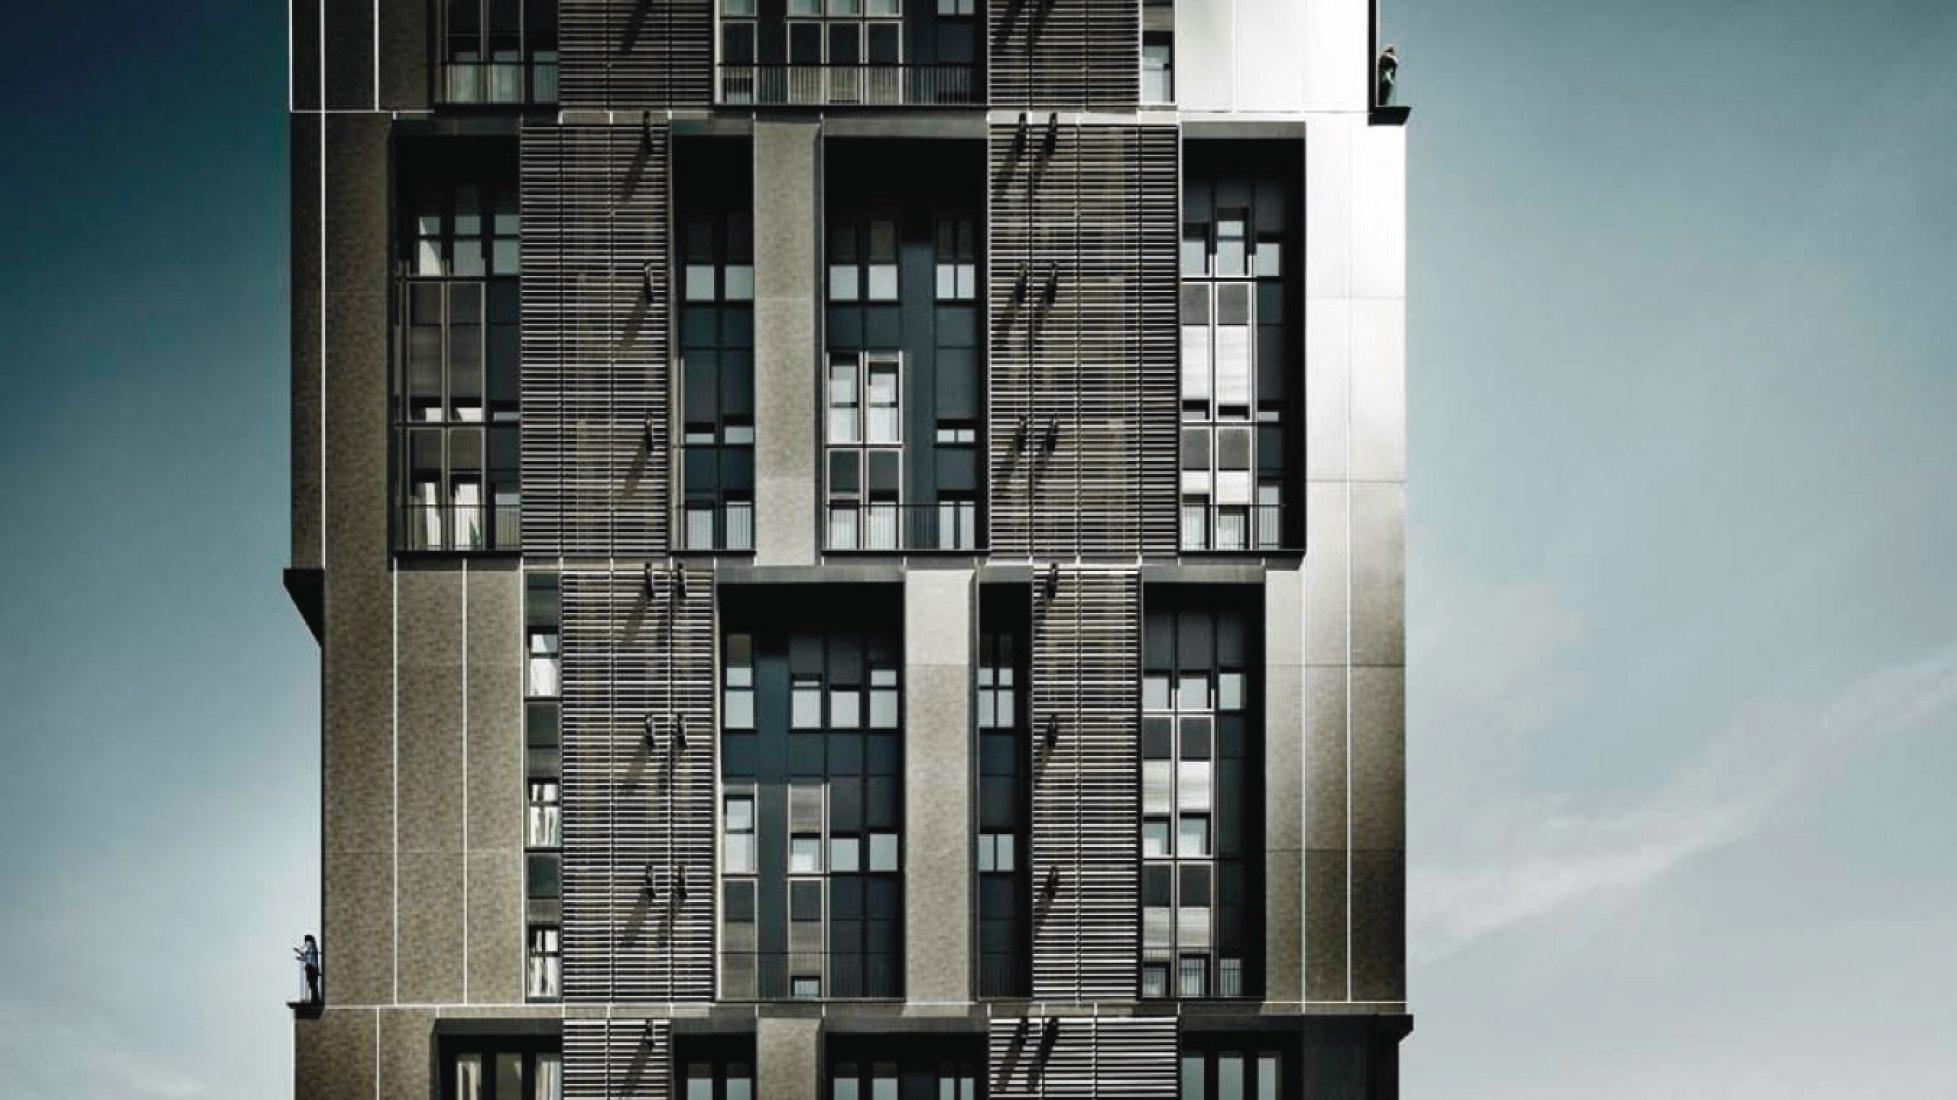 orre de vivienda social de 75 unidades por Roldán + Berengué, arqts. Fotografía © Jordi Surroca